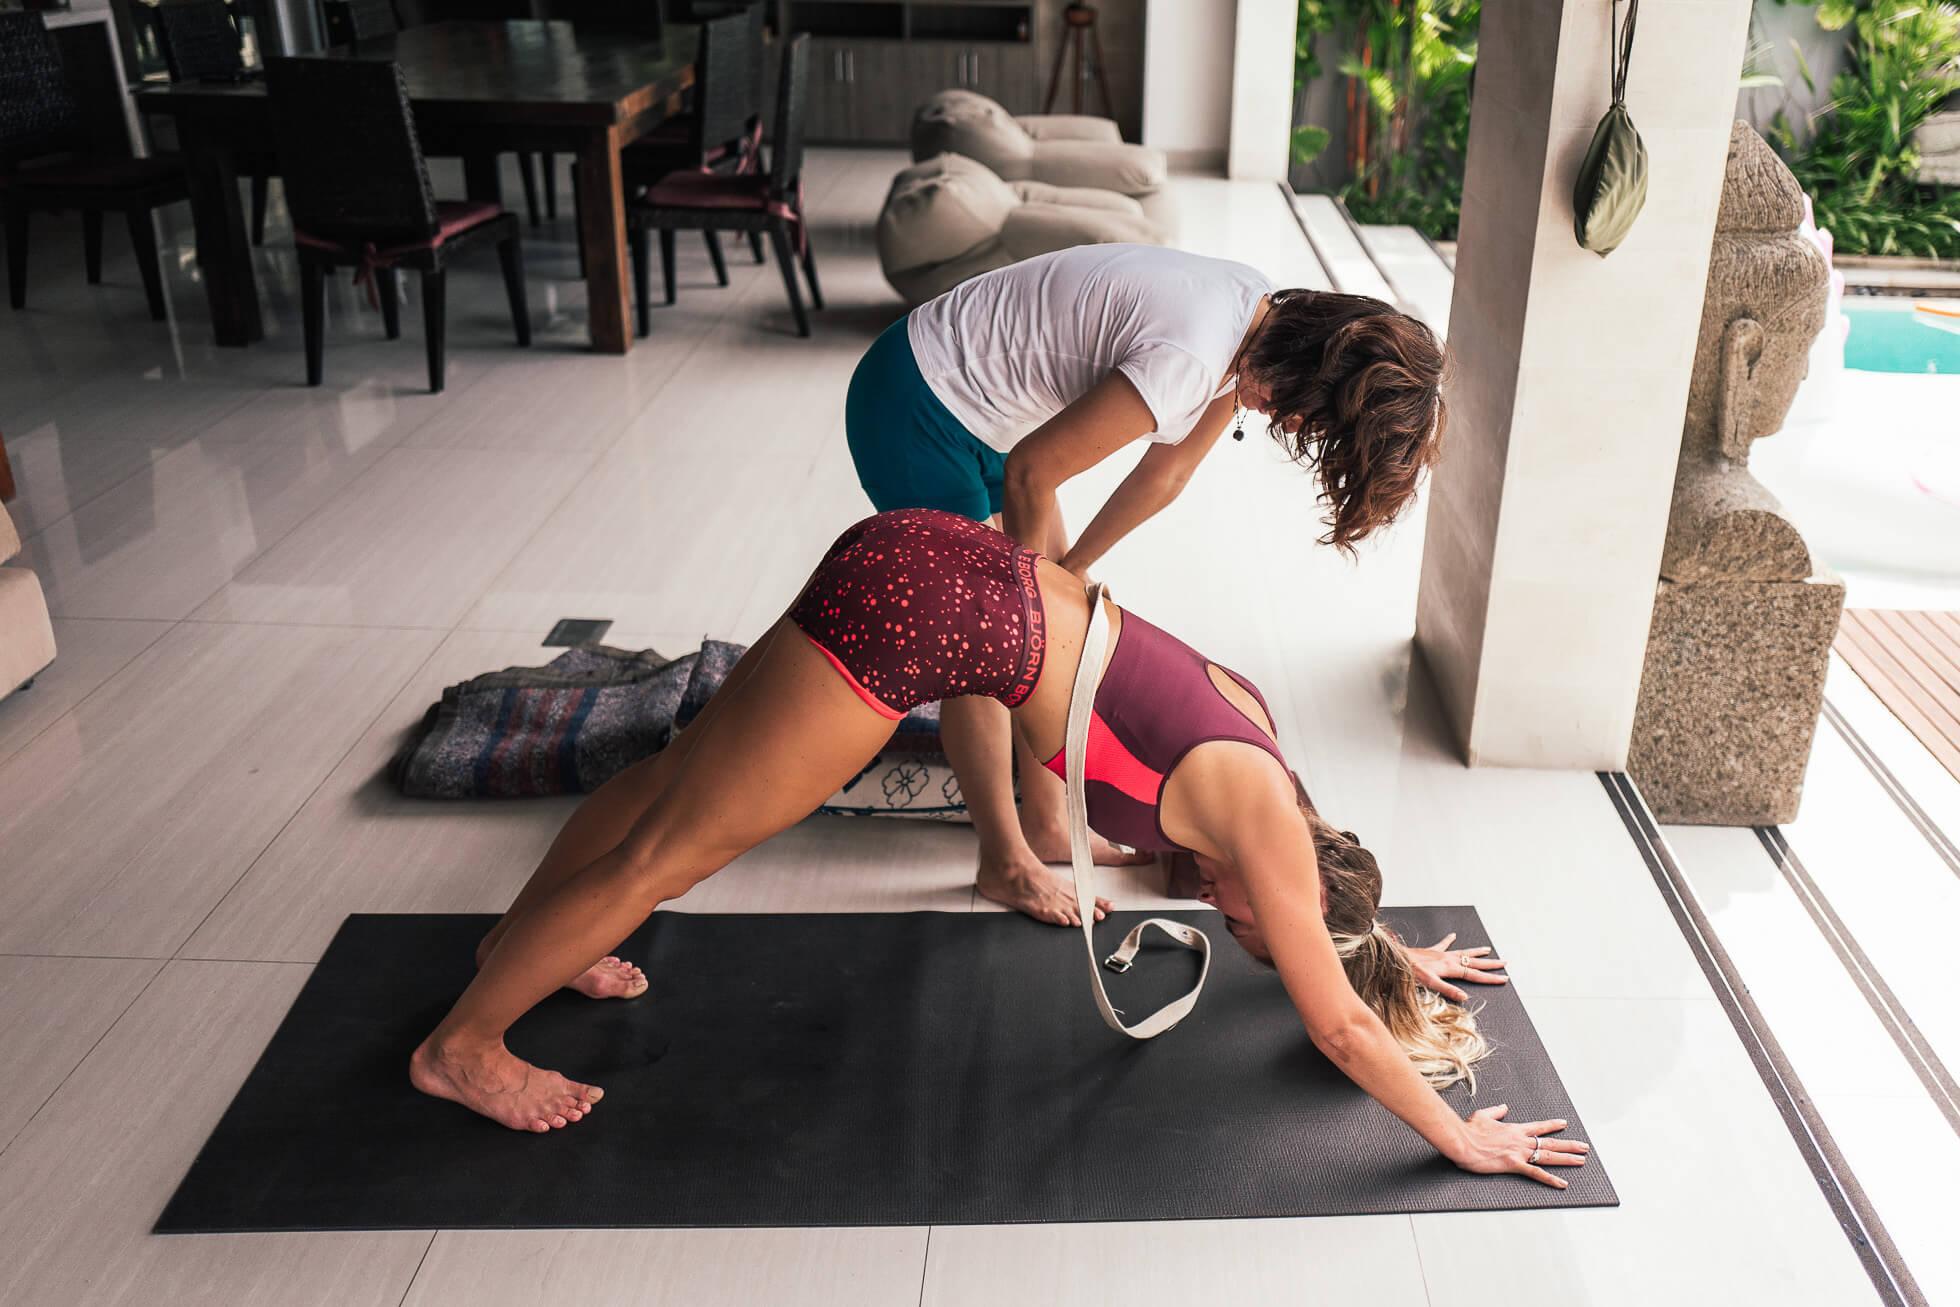 janni-deler-morning-yoga-balil1180595